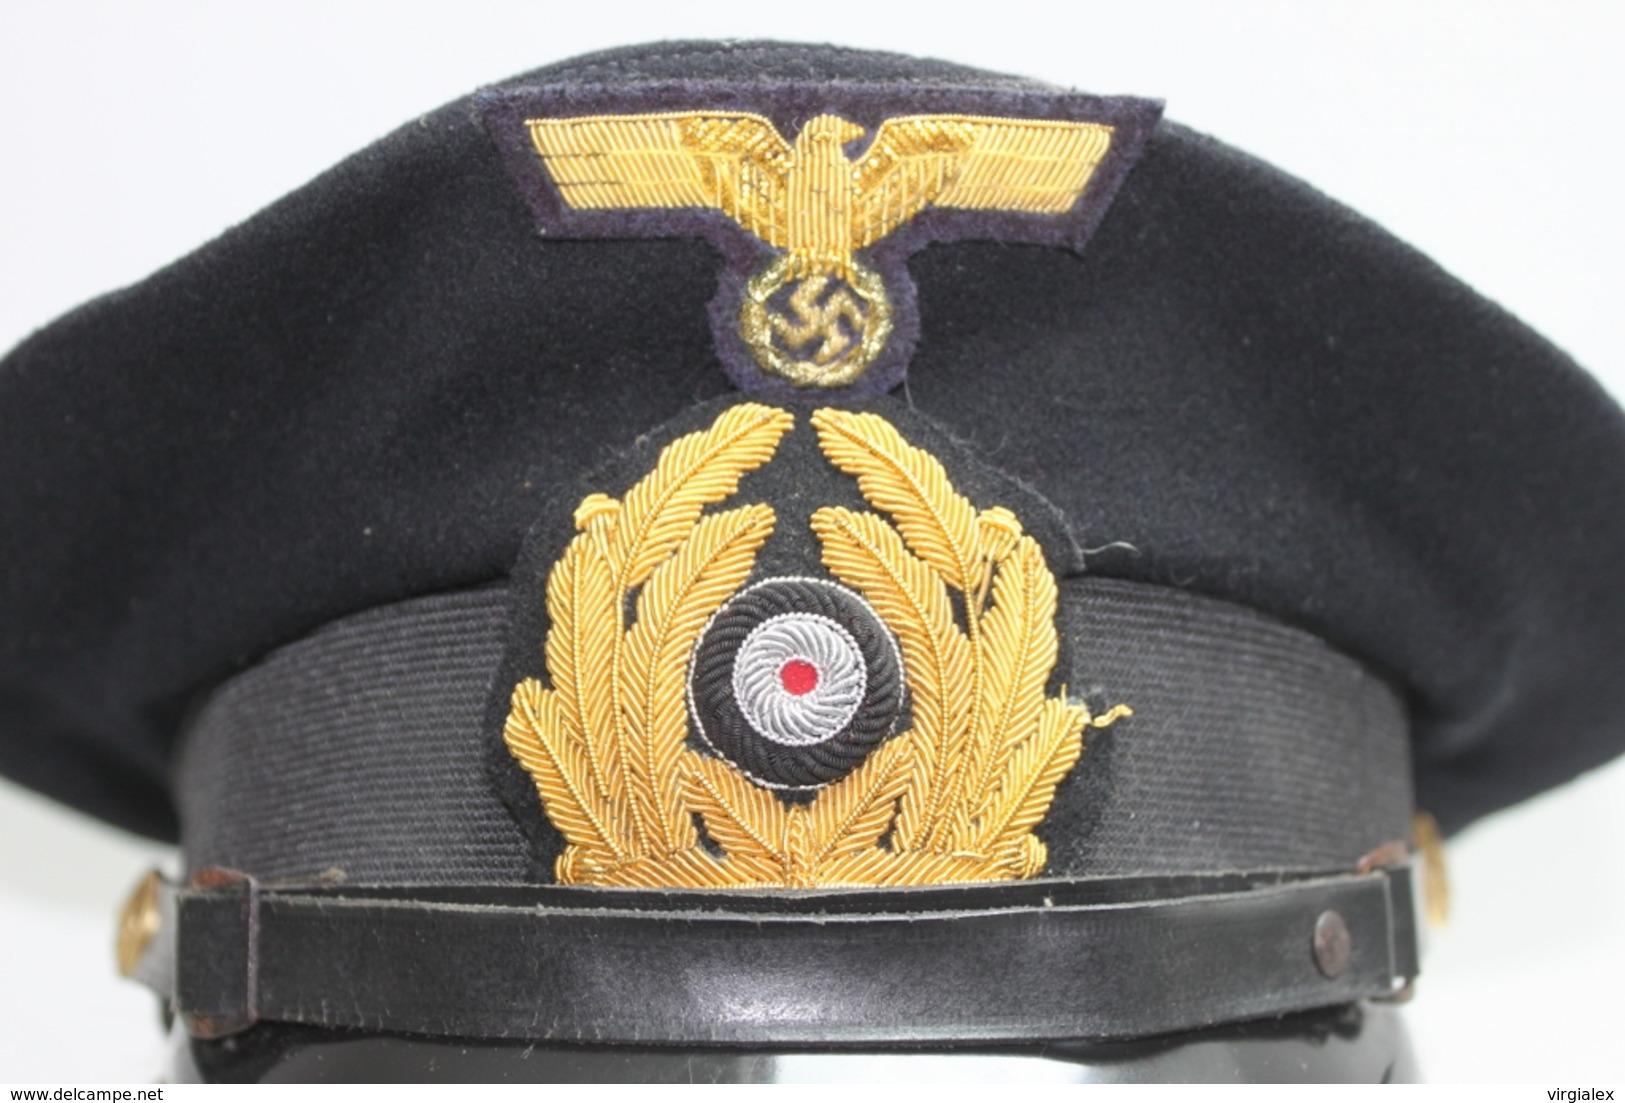 Casquettes Kriegsmarine Schirmmütze - Militaria Allemand WW2 39/45 - Marine Allemande - U-Boat - Divise